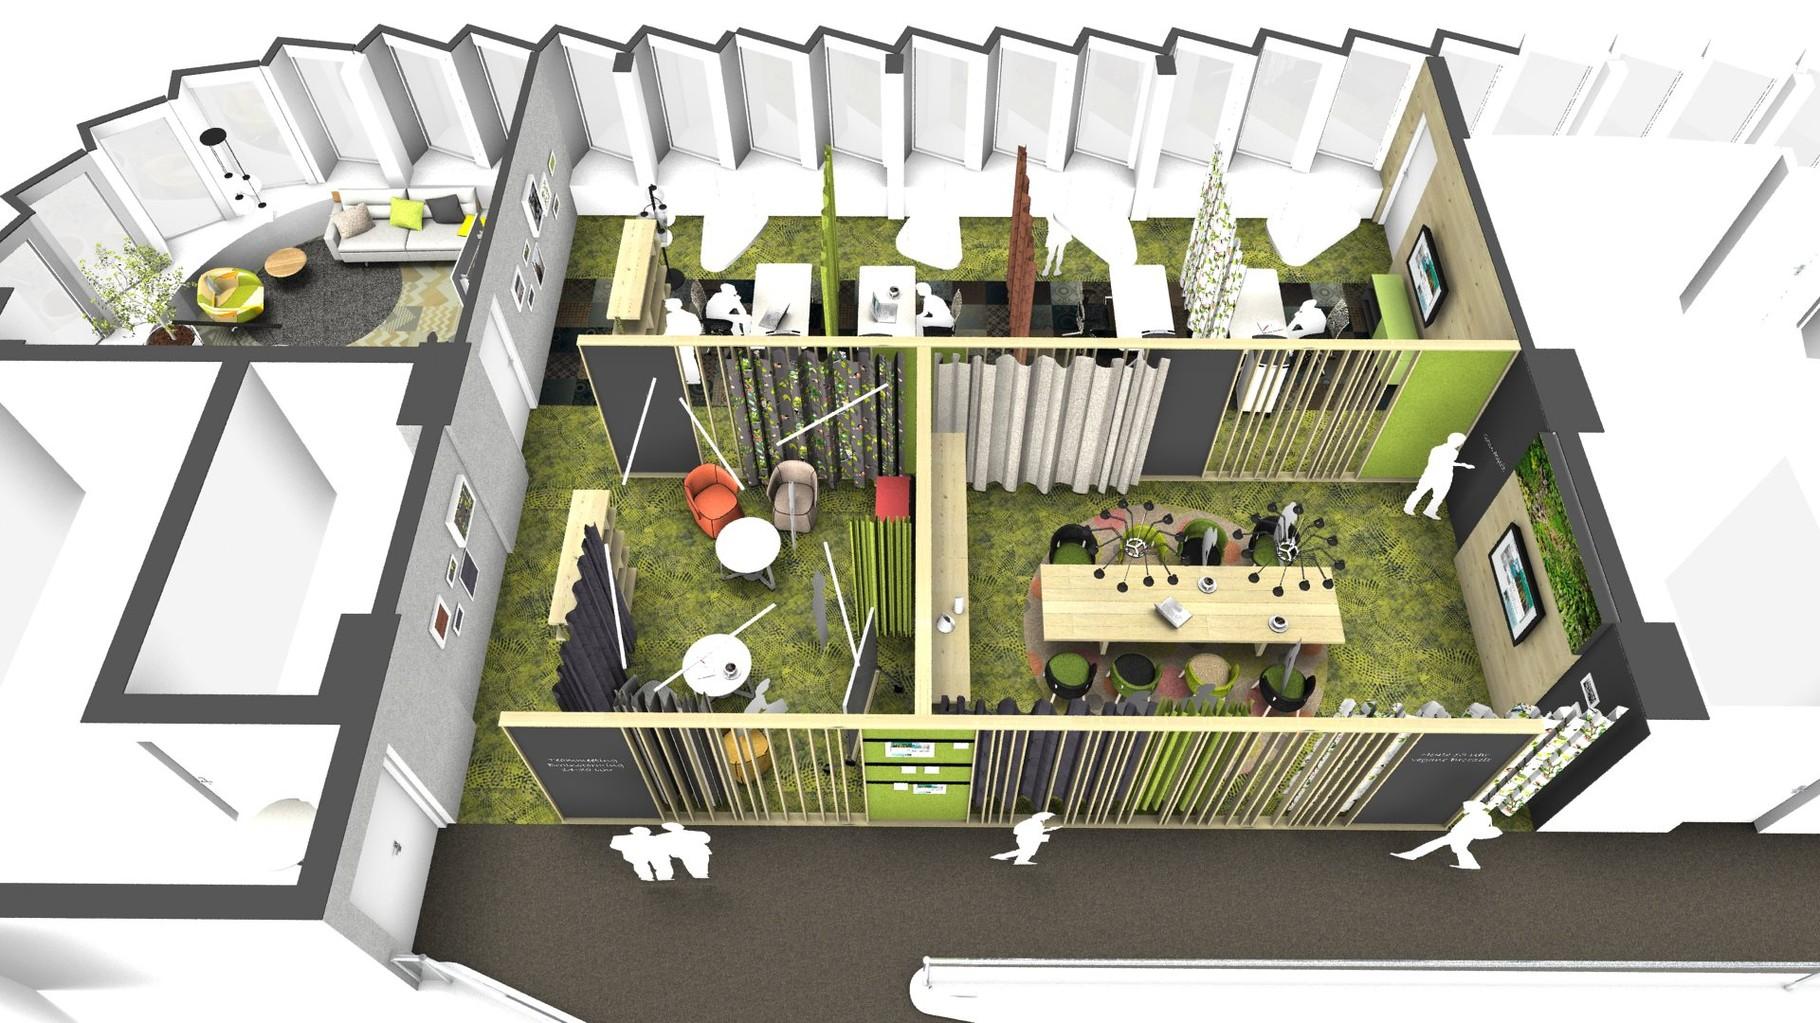 moderne burokonzepte grundriss, bürokonzepte,büroplanung, gastronomieplanung ,shopdesign, Design ideen